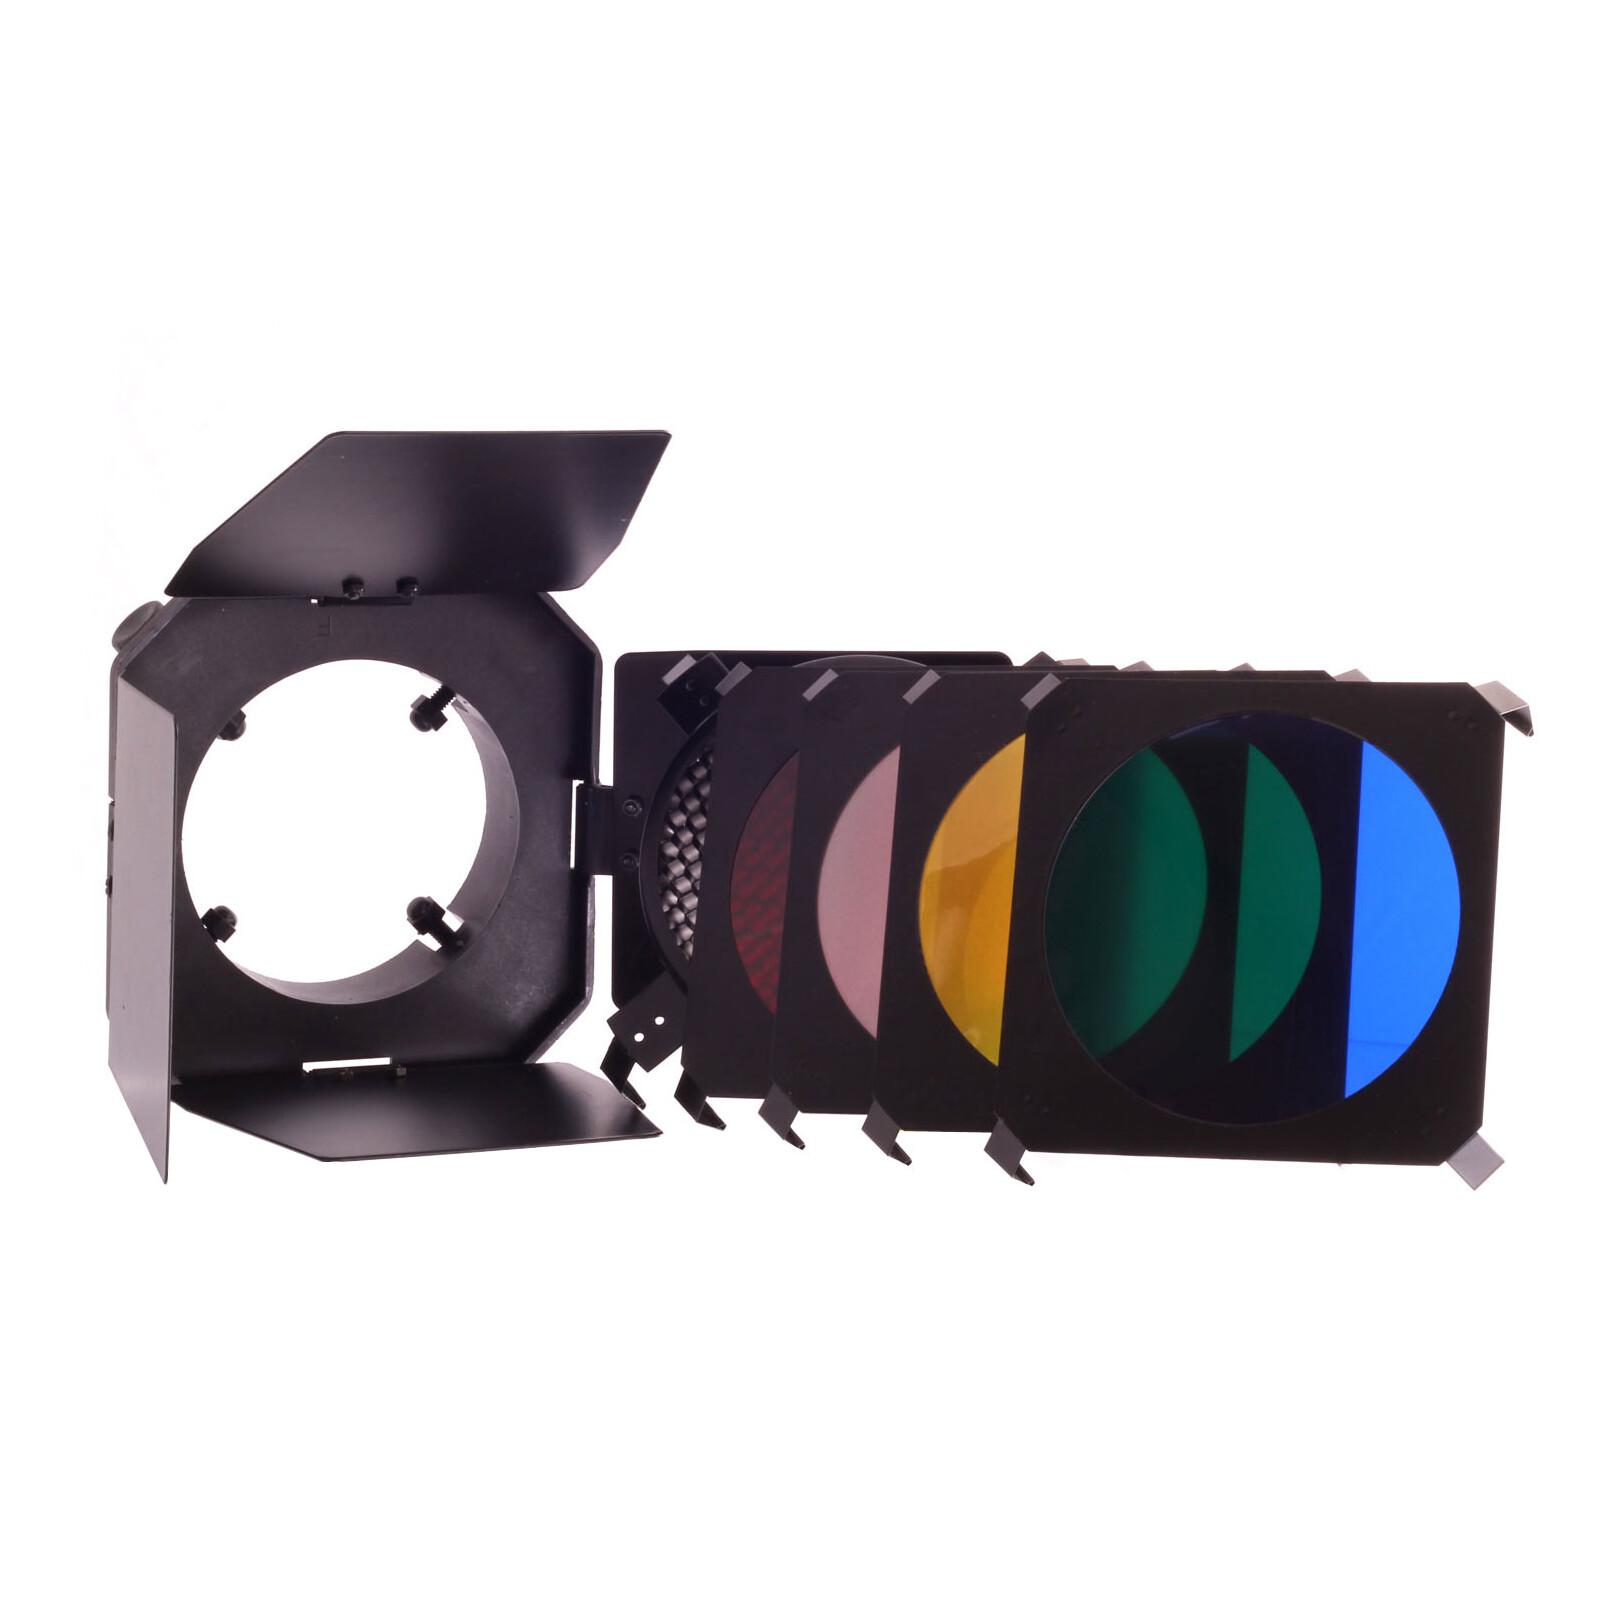 Dörr 371826 SLBL Set Abschirmklappen Waben-4 Farbfilter